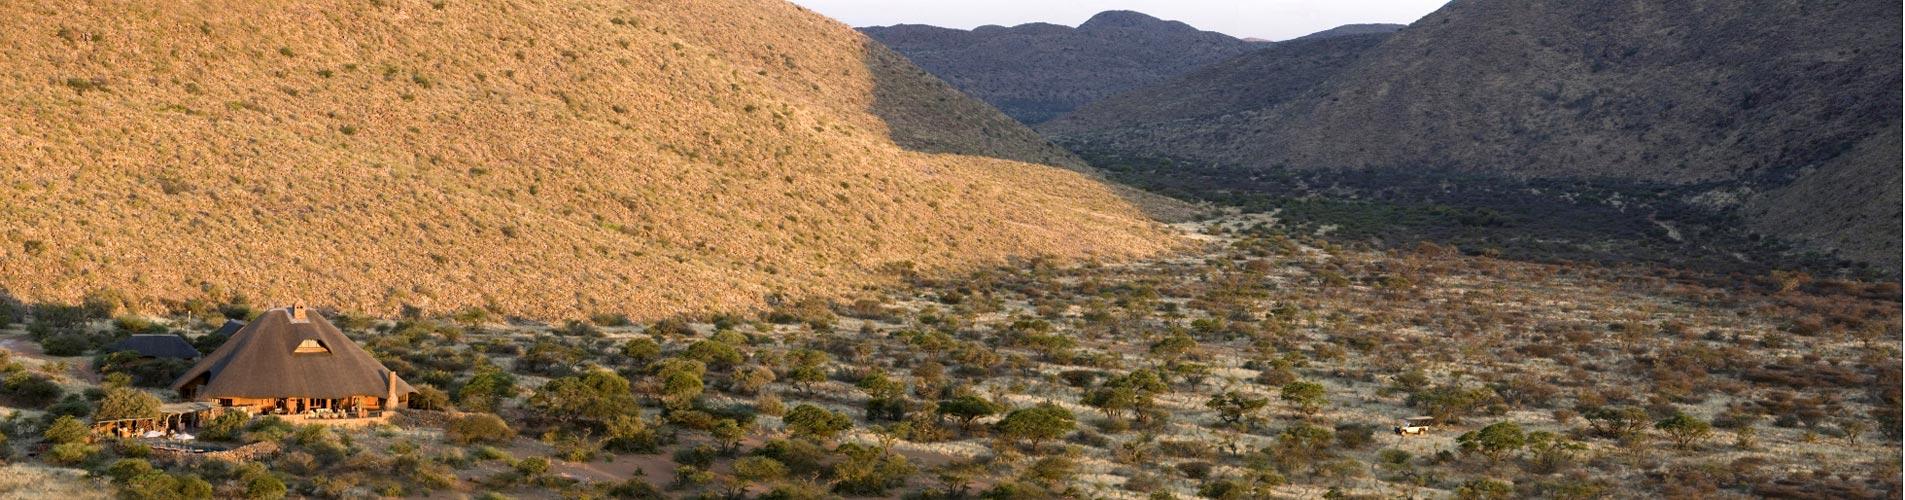 Kalahari Memories